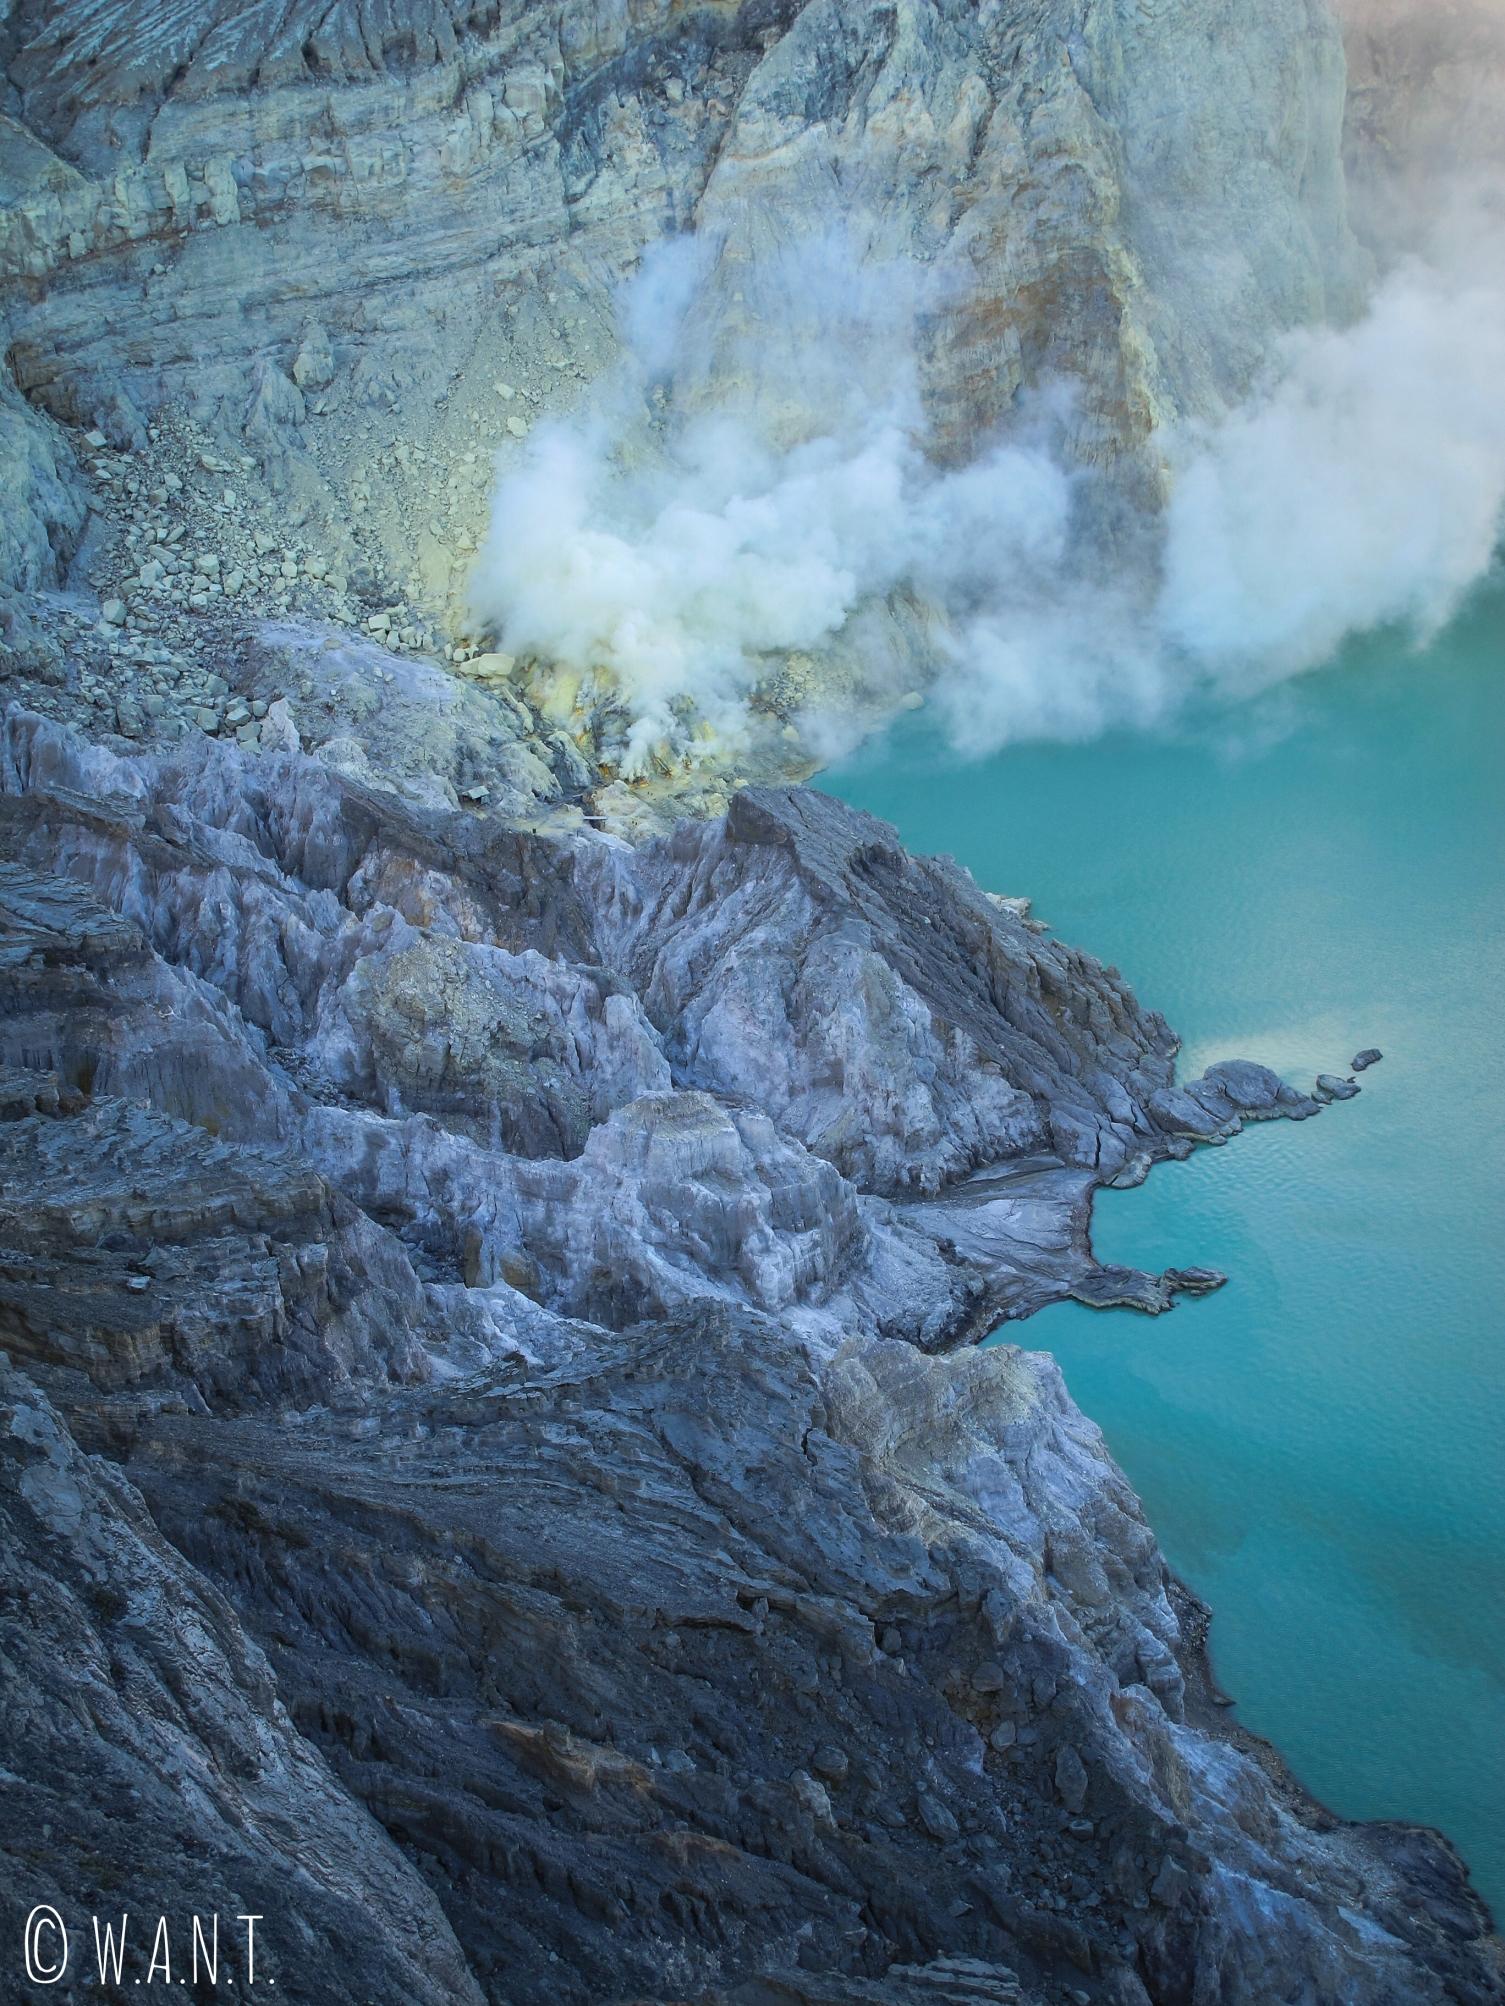 La solfatare du Kawah Ijen se situe au pied de son lac acide